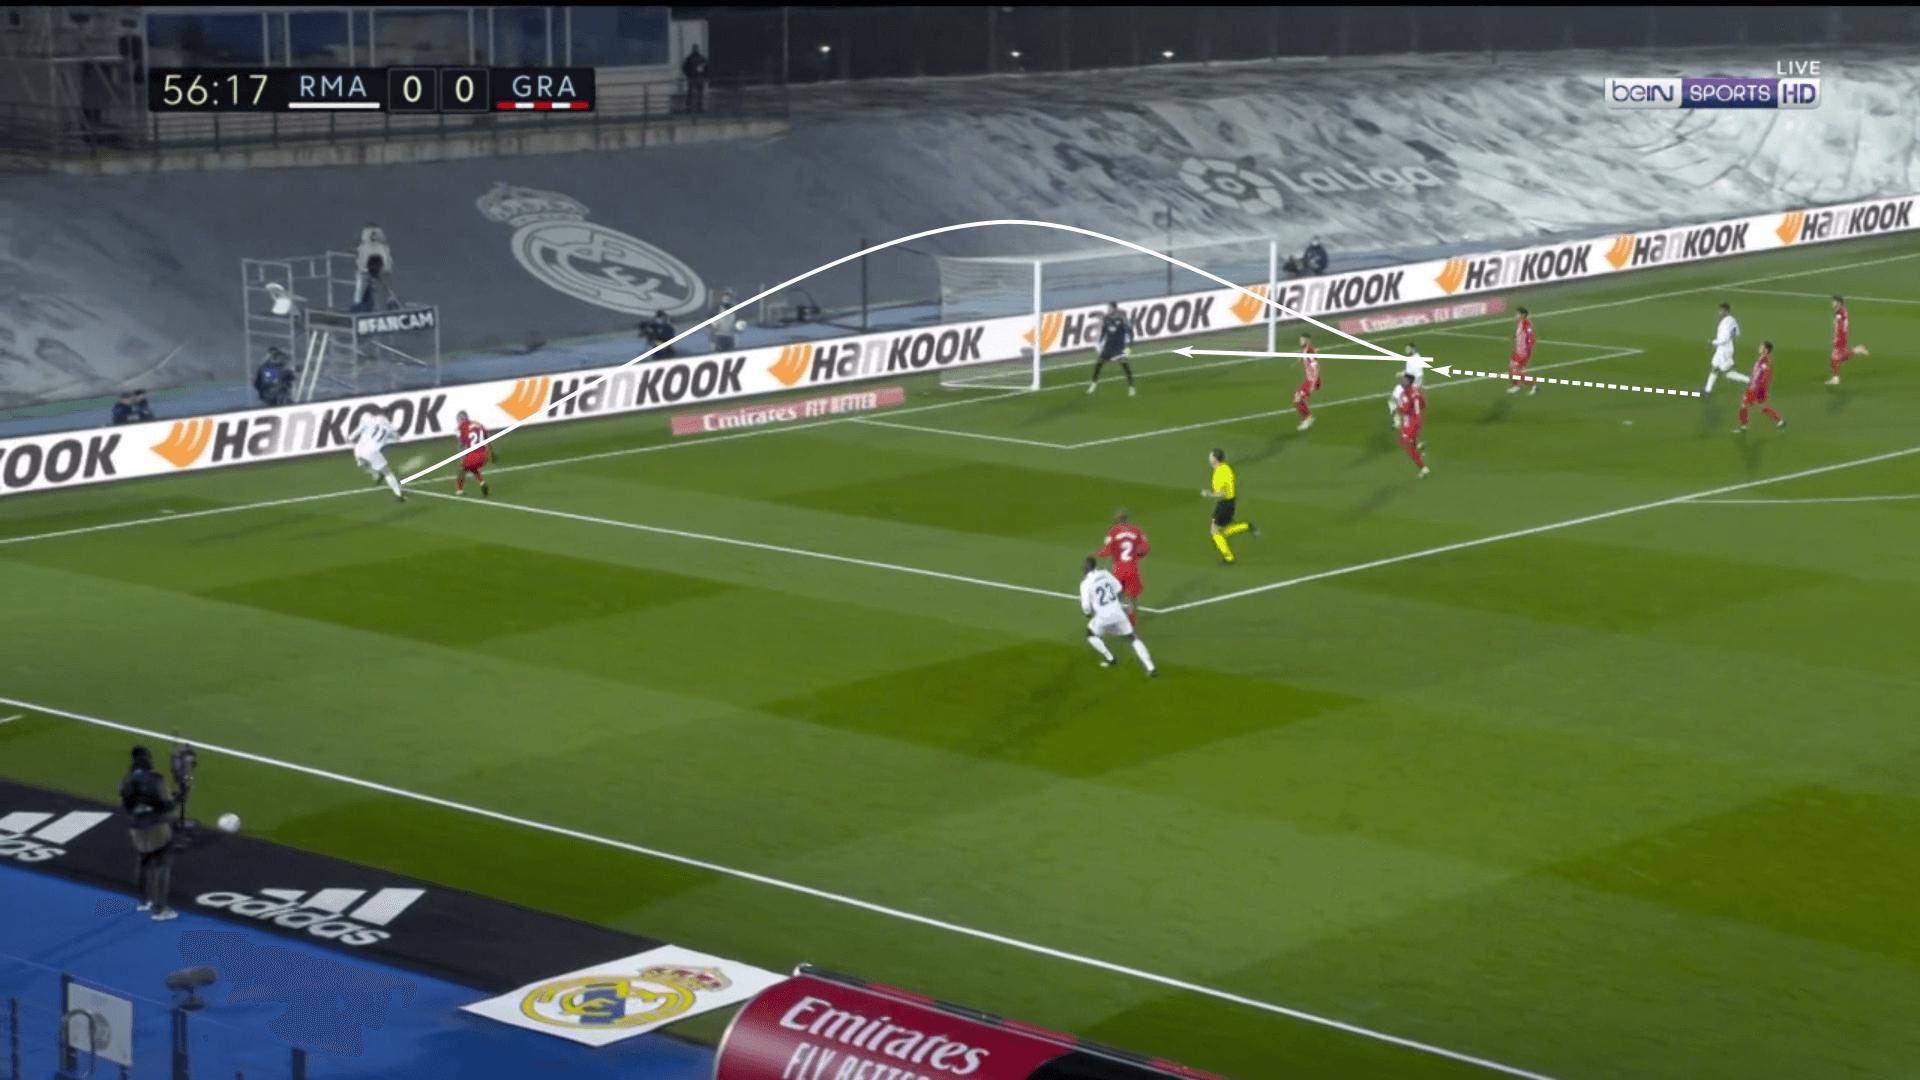 La Liga 2020/21: Real Madrid vs Granada – tactical analysis tactics